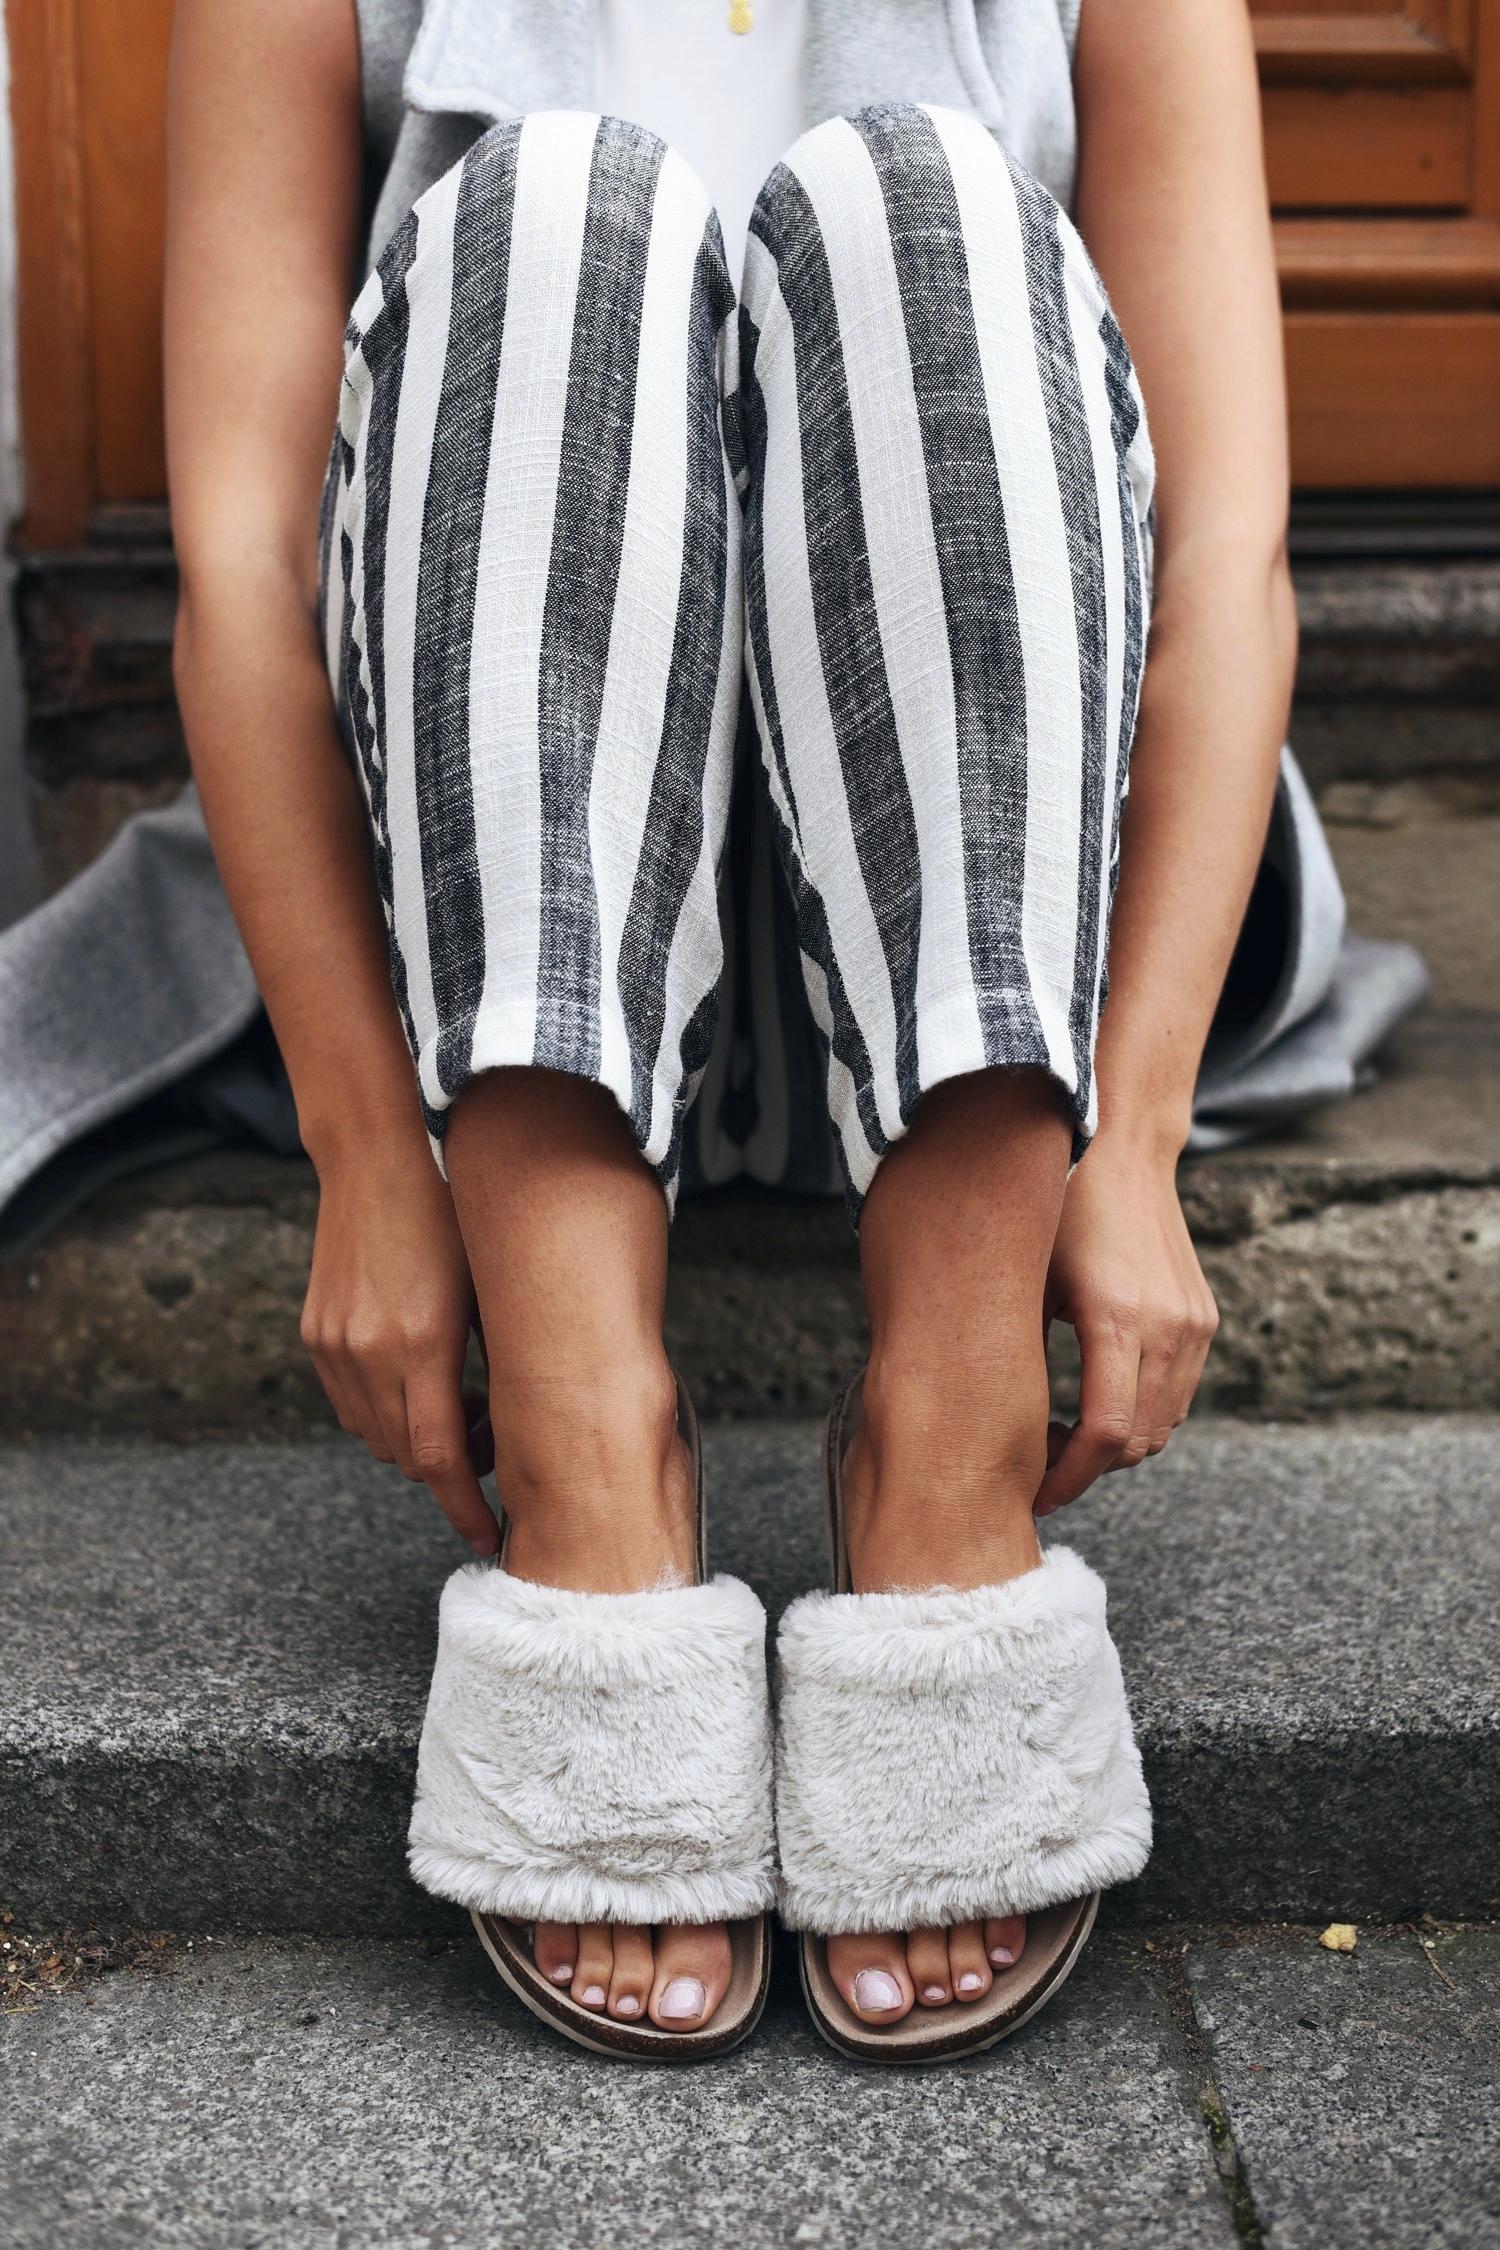 fell-latschen-puschen-fake-fur-flats-blogger-streetstyle-fashiioncarpet-